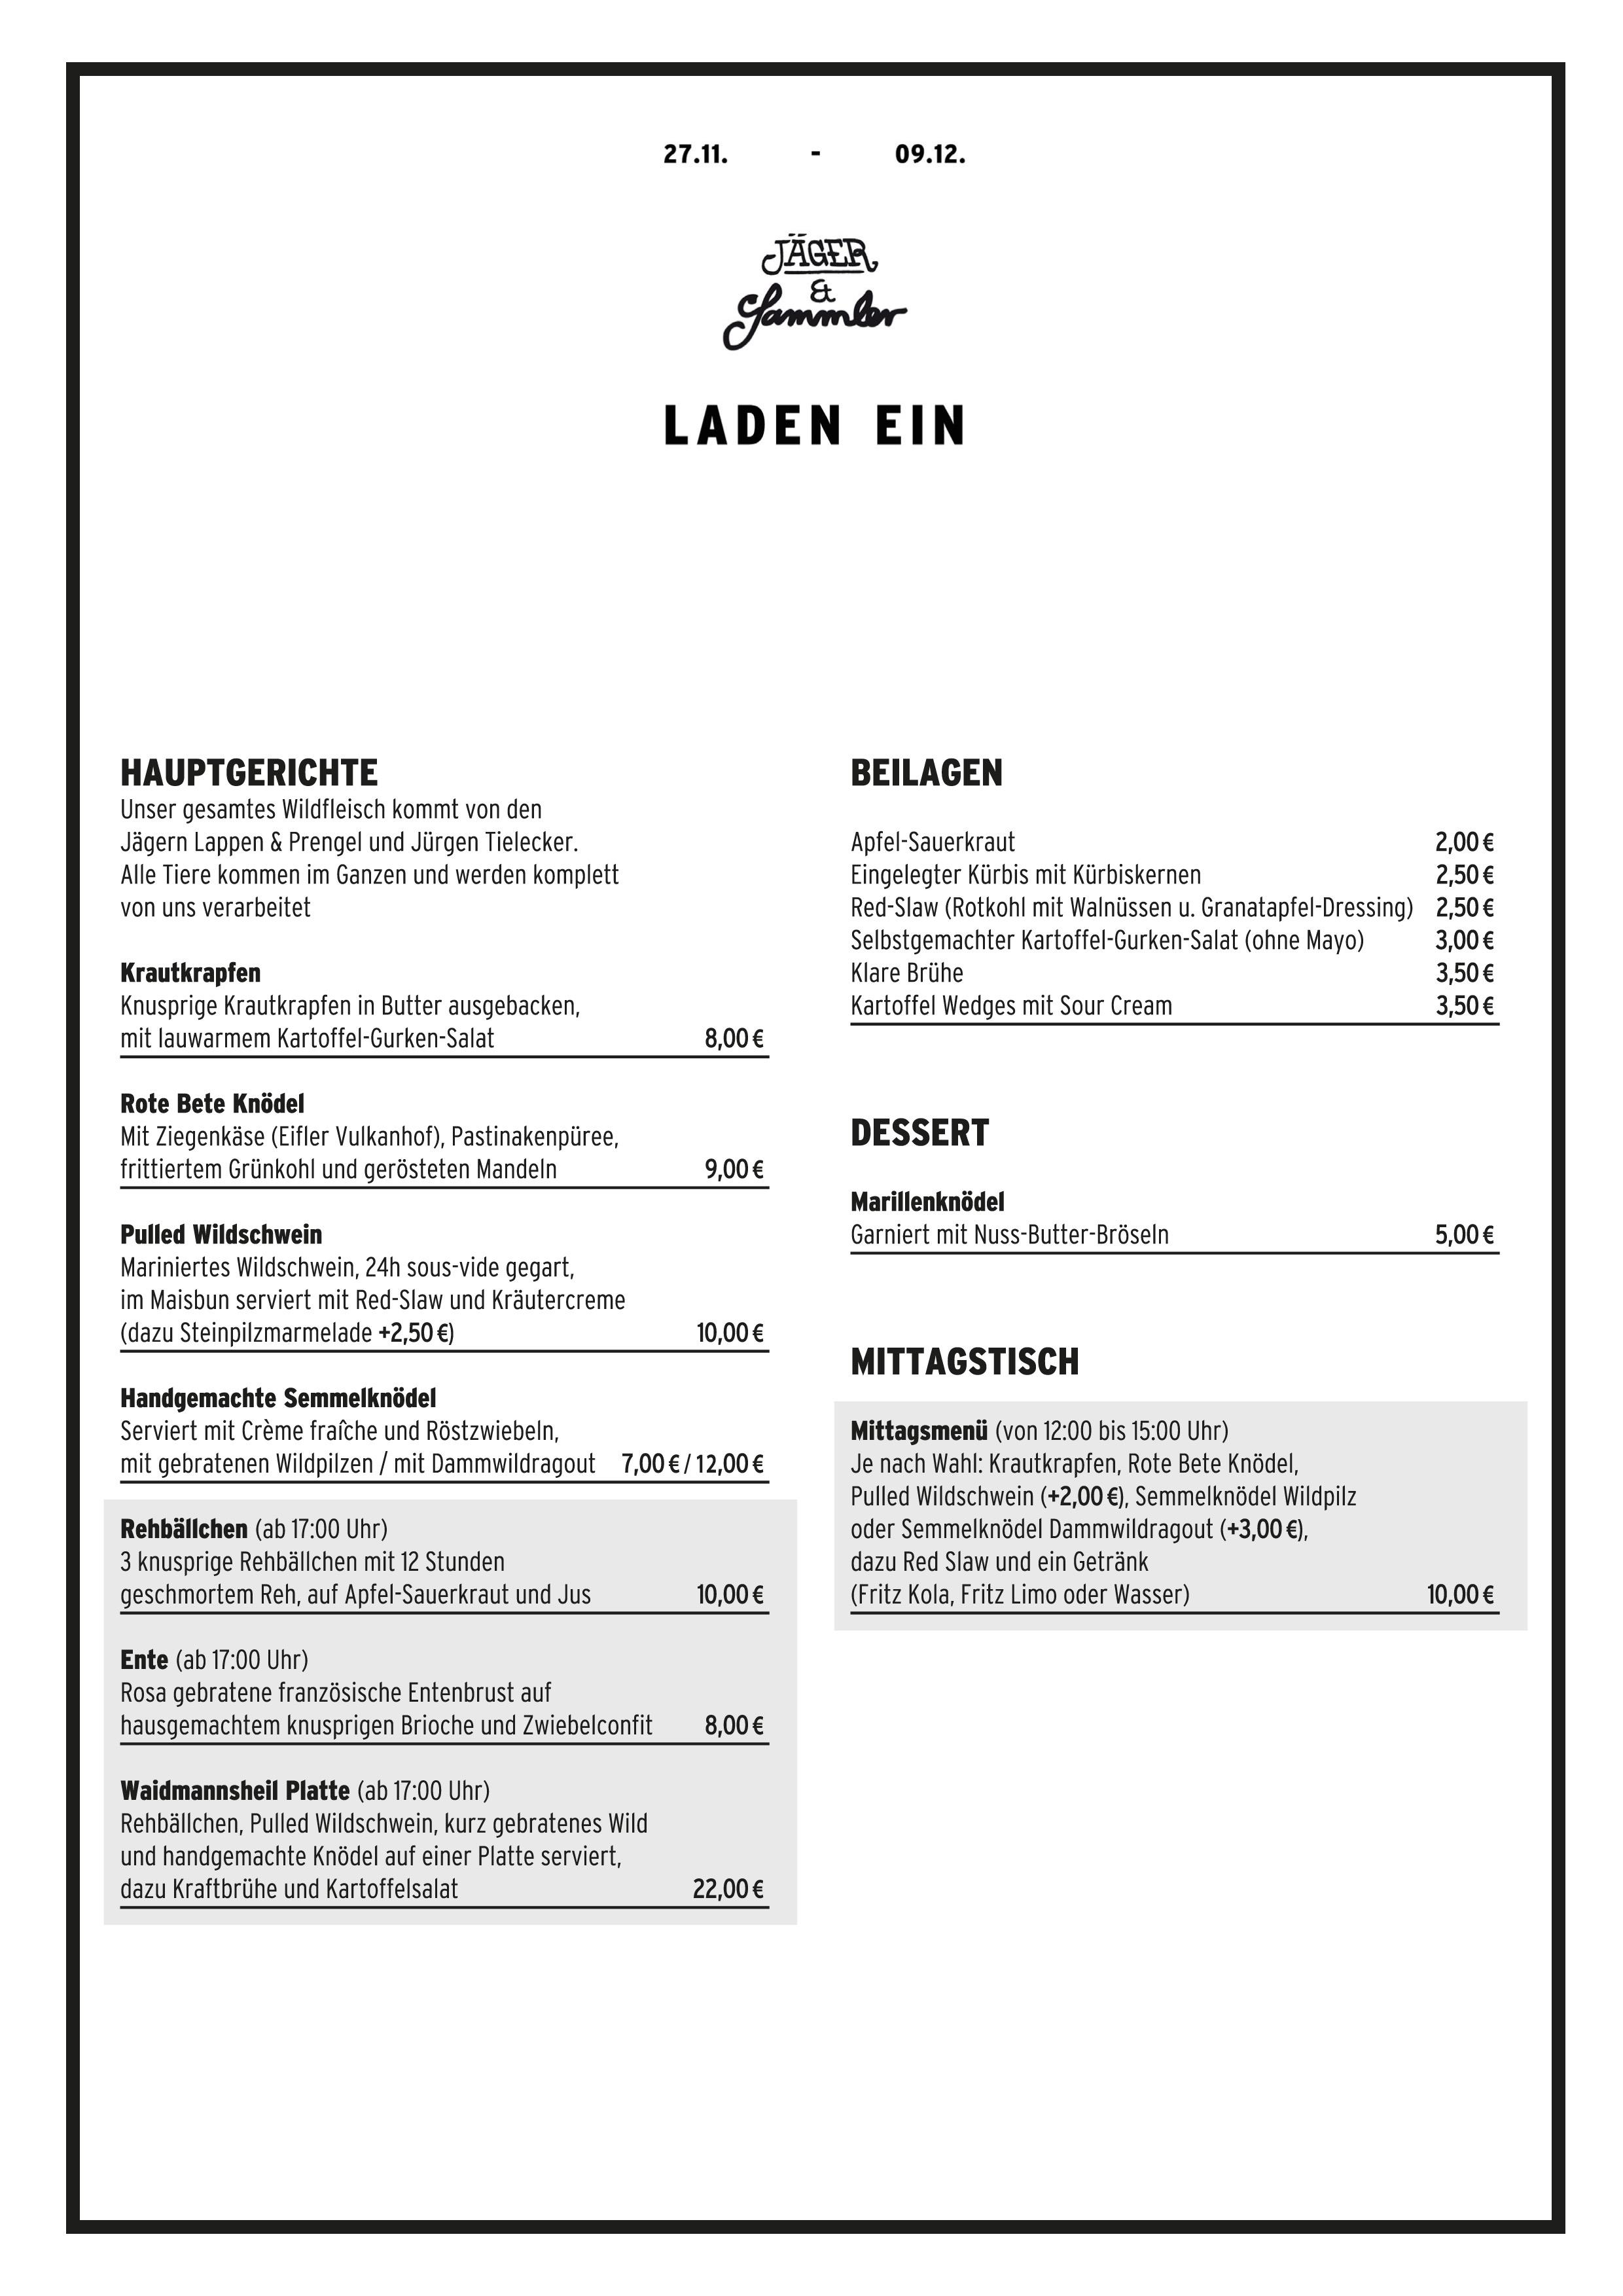 LadenEin_JaegerSammler-2_Speisekarte_DINA4-v3.jpg